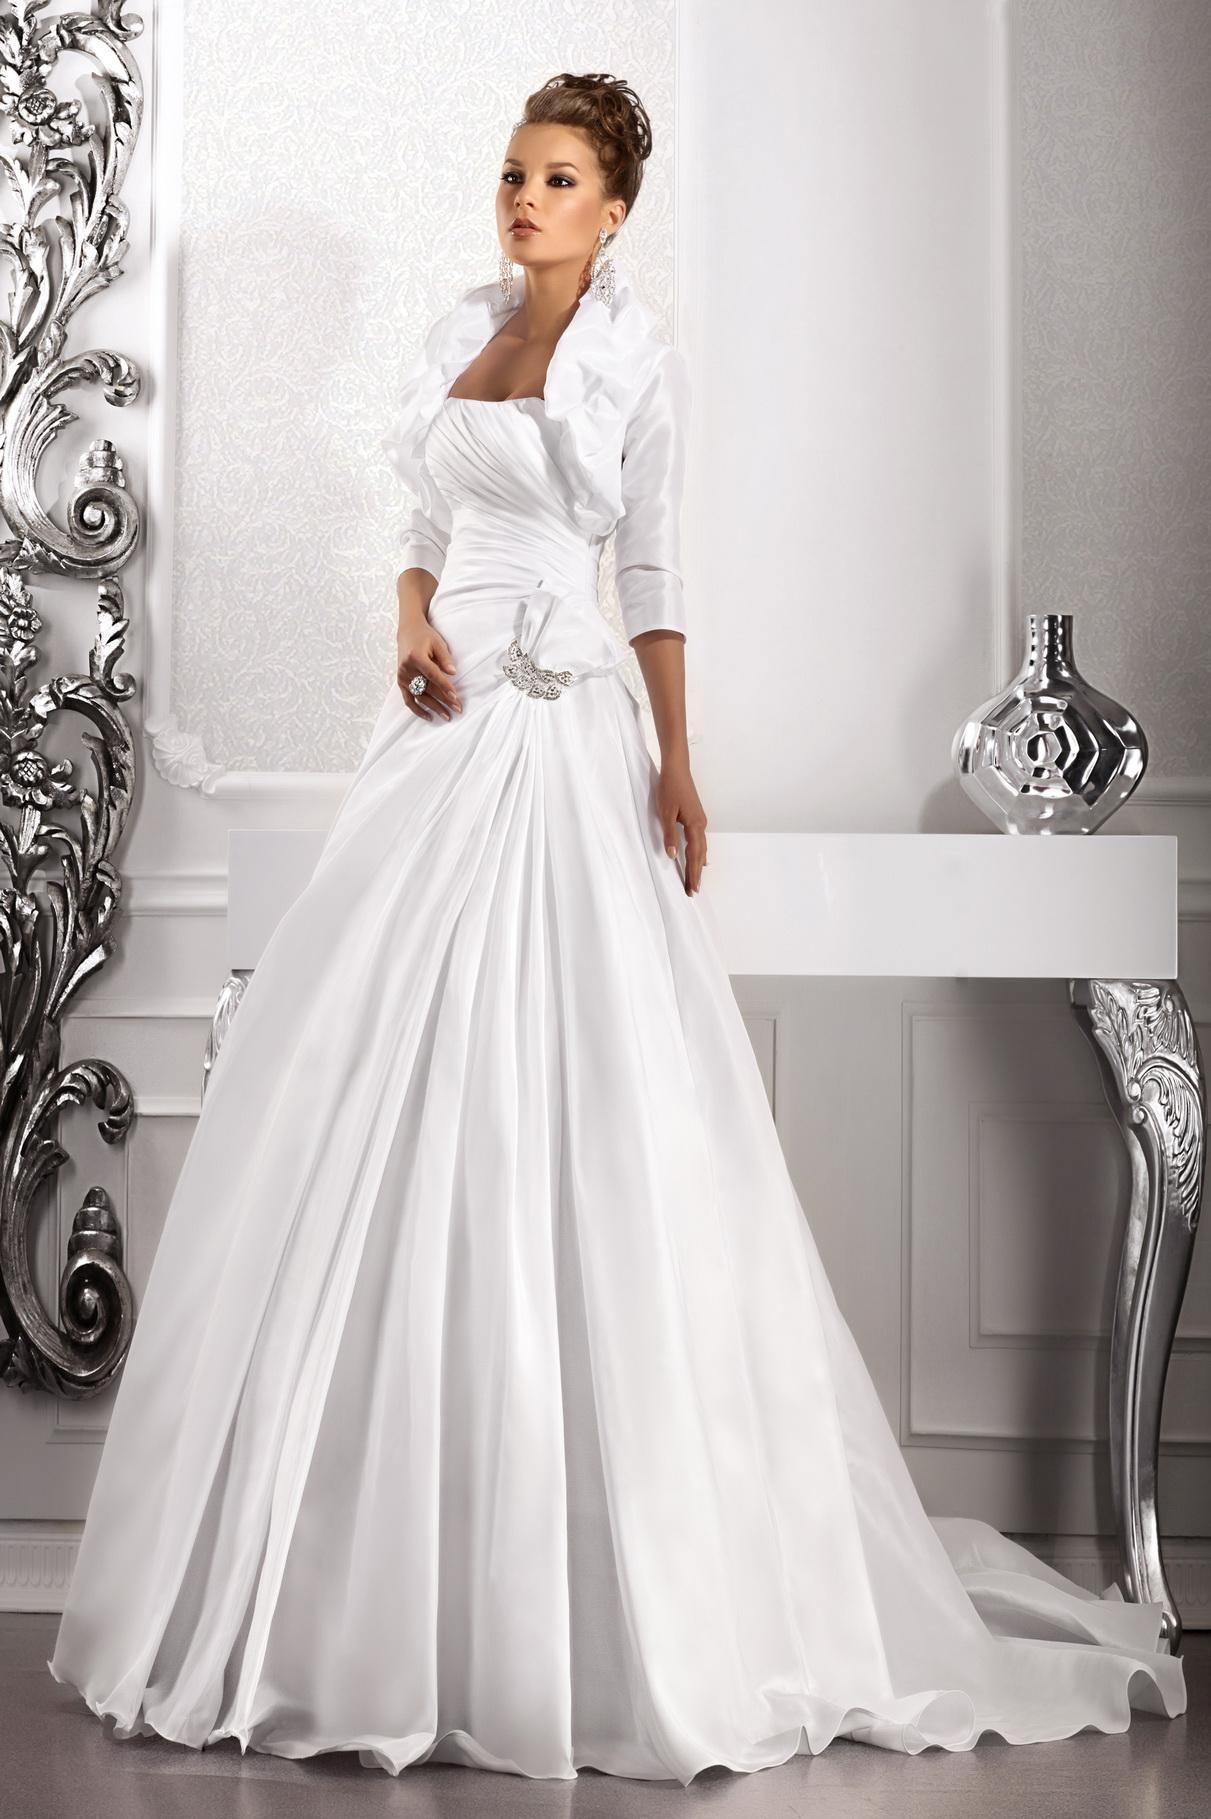 Анна. Свадебное платье напрокат Очаровательное свадебное платье, р. 40-46 возможно больше так как карсет, рост 150-165. Цена 2500руб. высылаю фото на